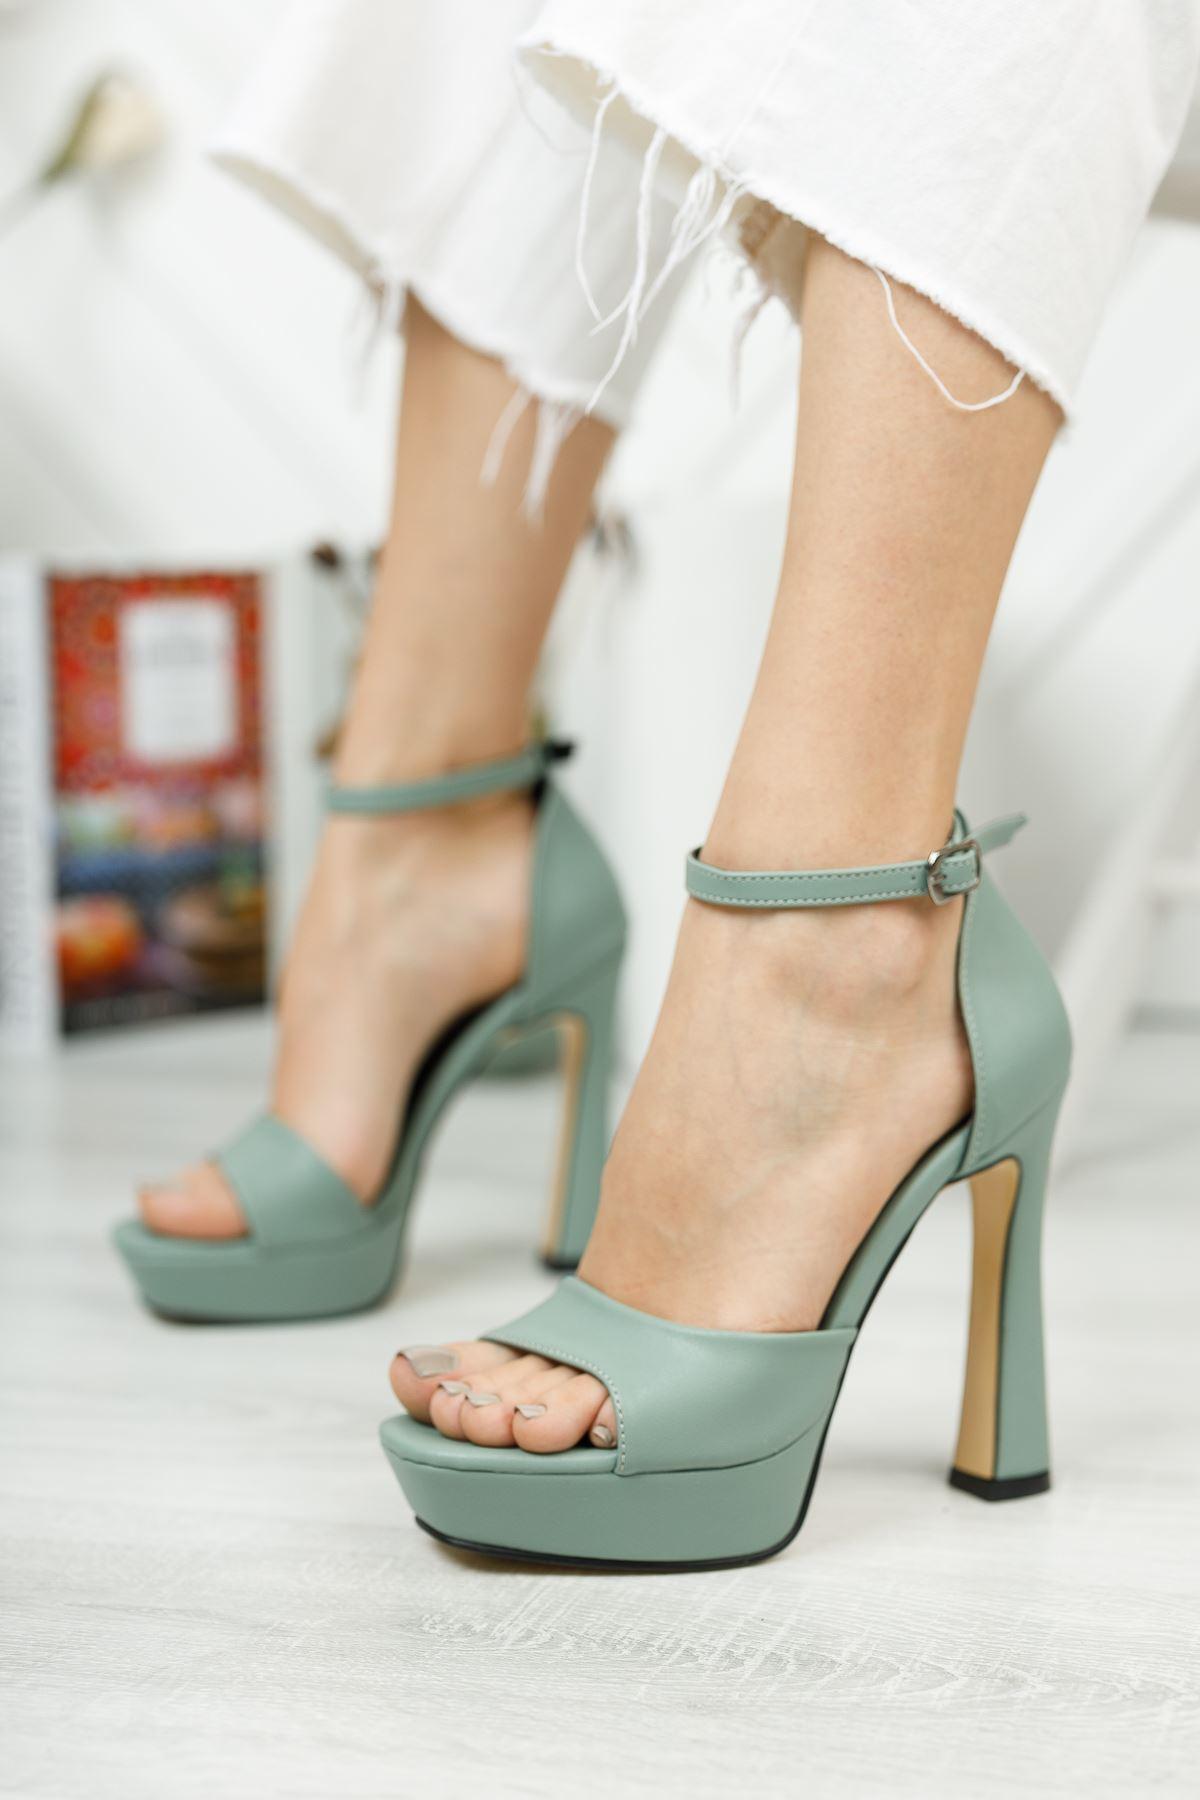 Düz Mint Yeşili Tek Bant Yüksek Platform Topuklu Ayakkabı